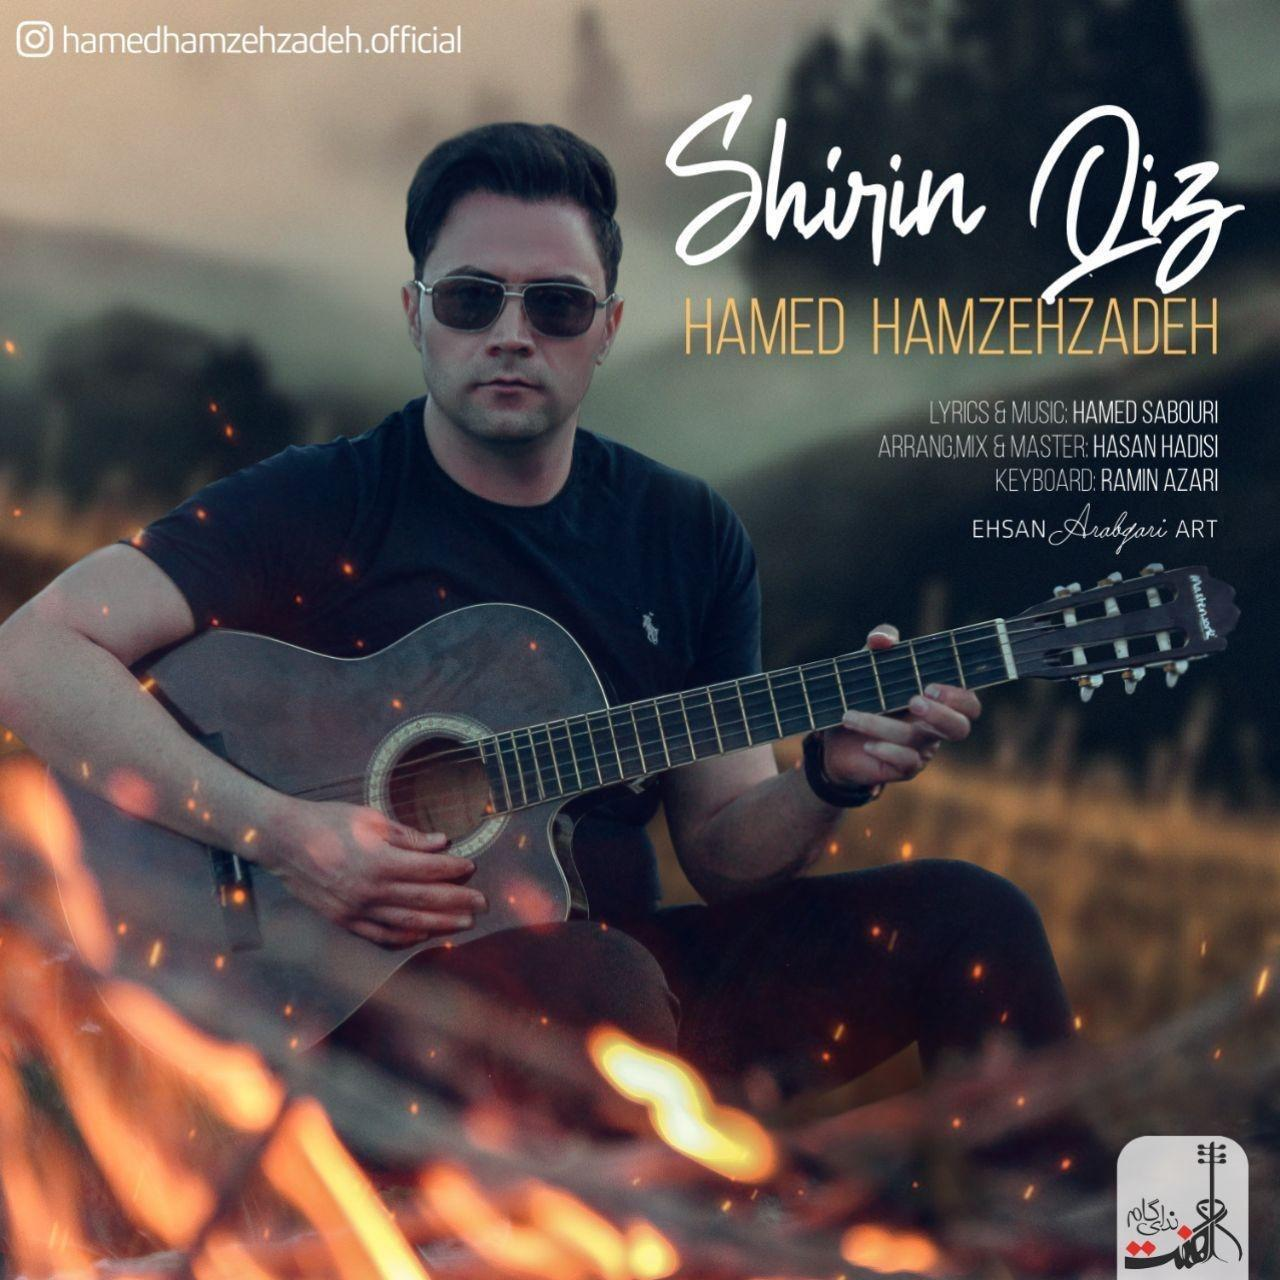 Hamed Hamzehzadeh – Shirin Qiz